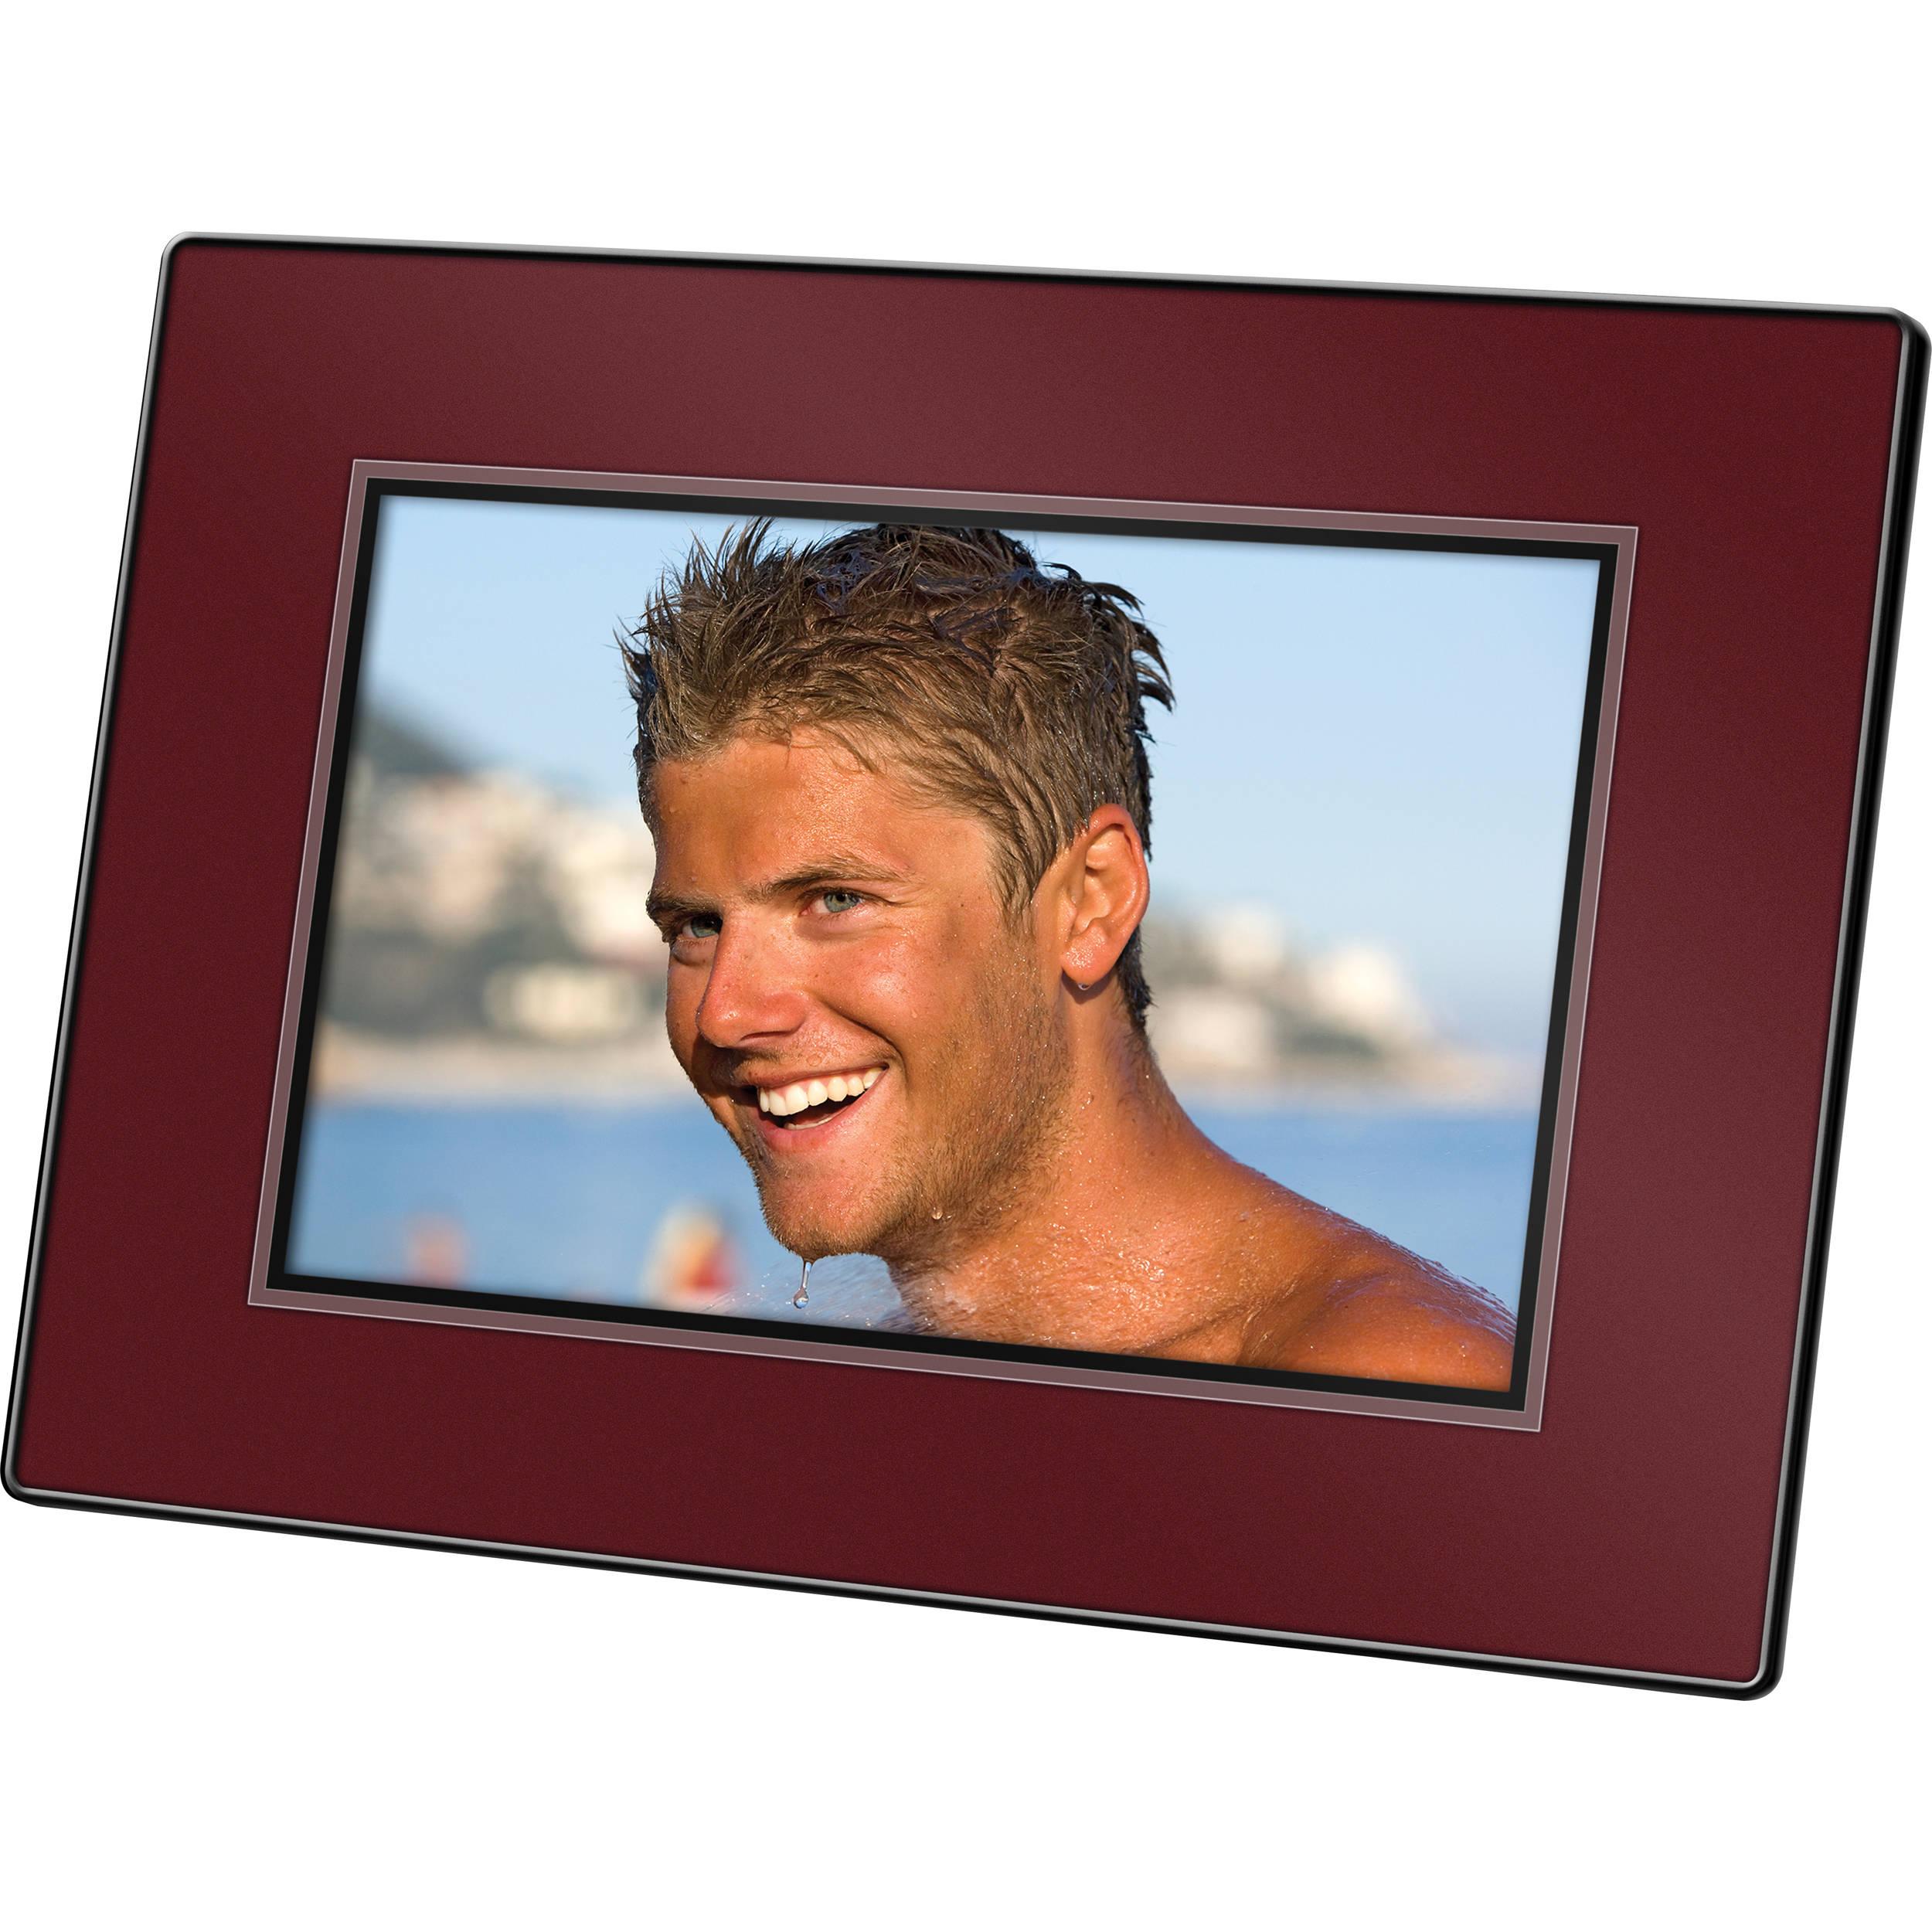 kodak easyshare s730 digital frame 7